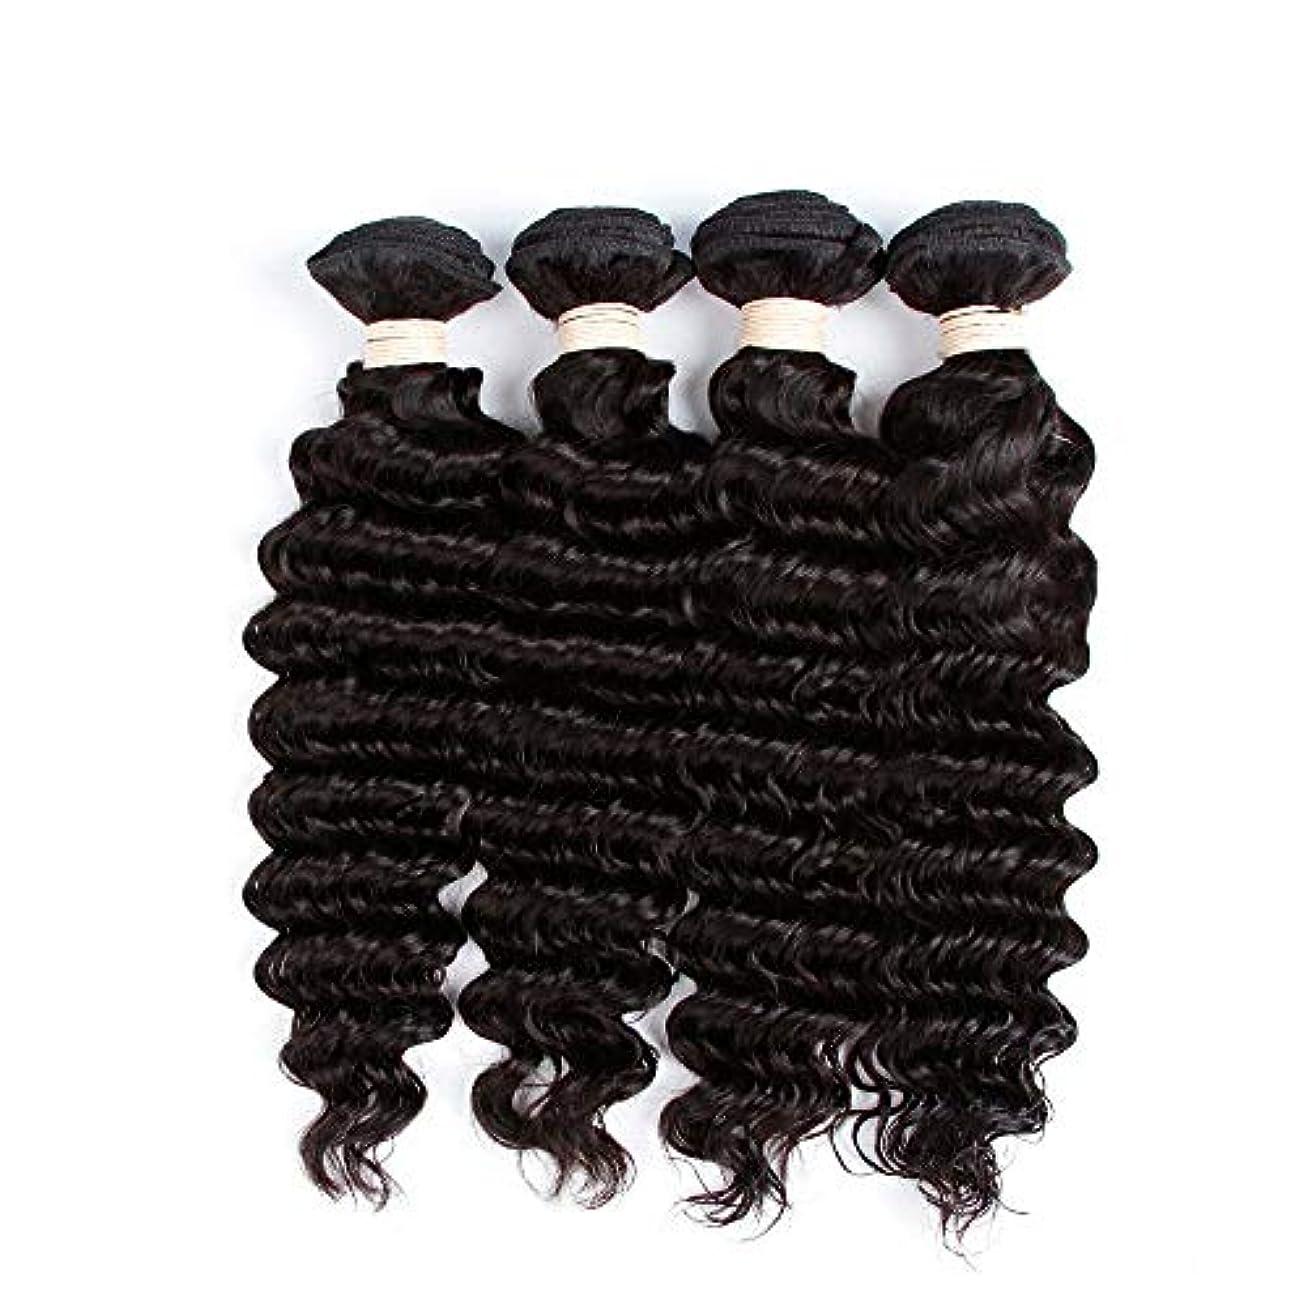 憂鬱な料理をするタオルHOHYLLYA 未処理のブラジルの深い巻き毛の束本物の人間のバージンヘアエクステンション - 1束#1Bナチュラルカラー(100 +/- 5g)/ pc女性複合かつらレースかつらロールプレイングかつら (色 : 黒,...